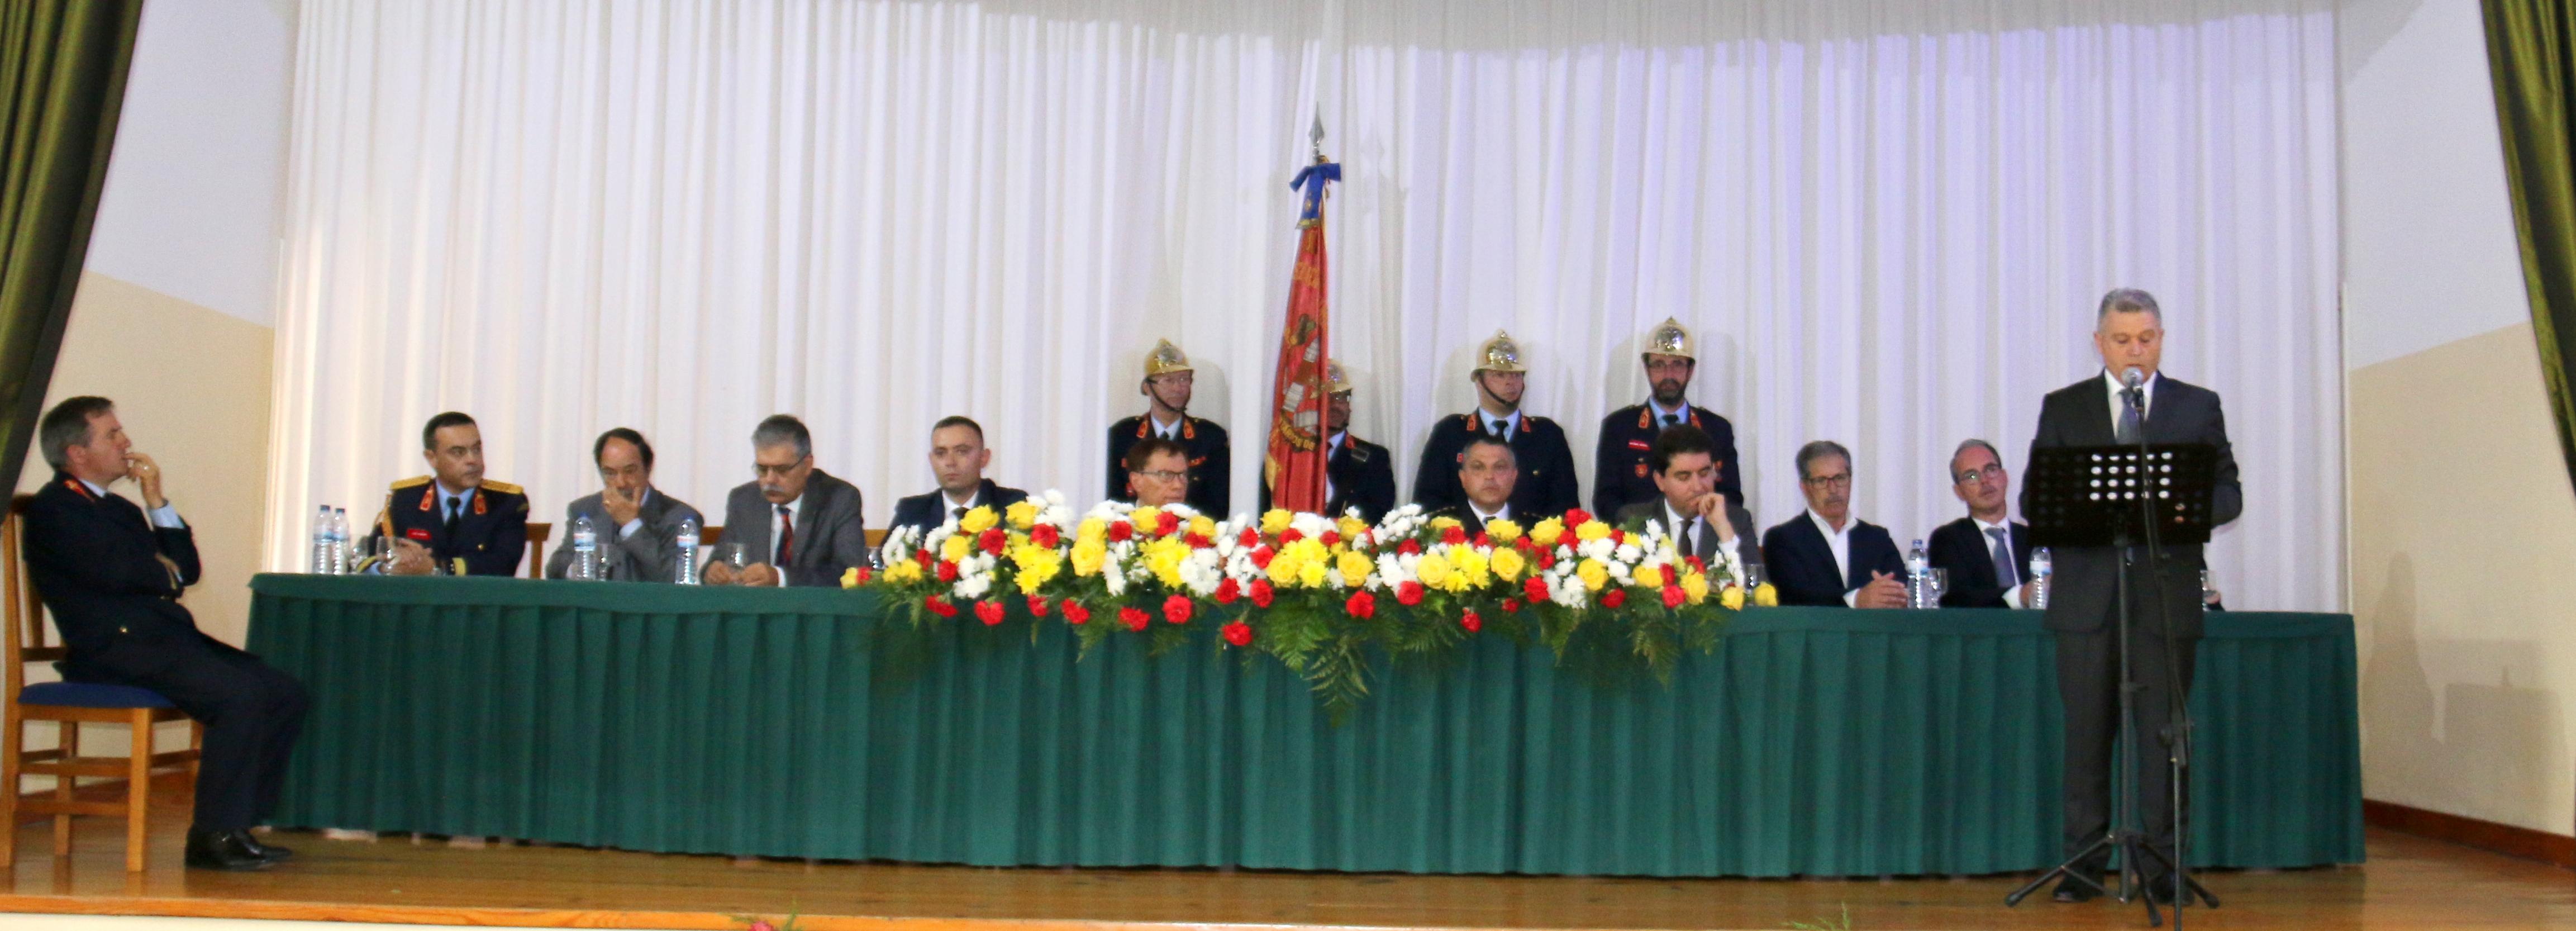 José Manuel Pereira tomou posse como Comandante da corporação de Viatodos